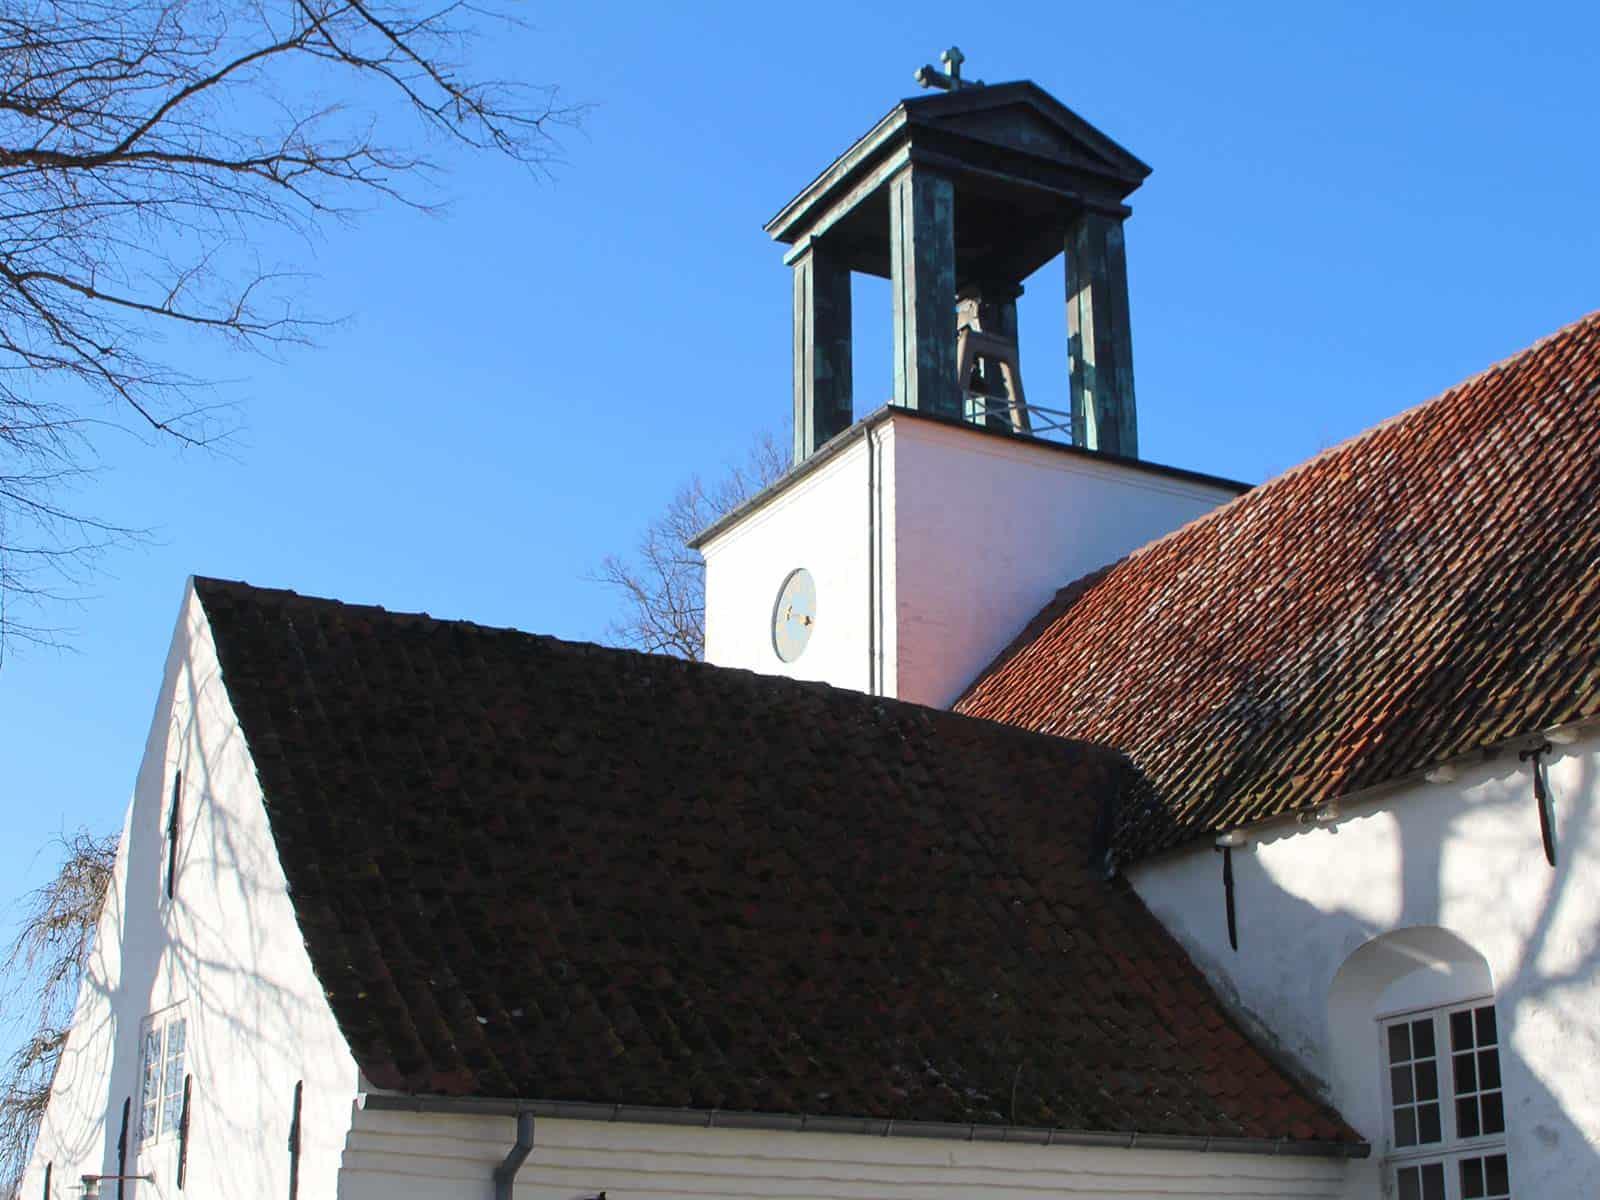 Tranderup Kirke kirketårn